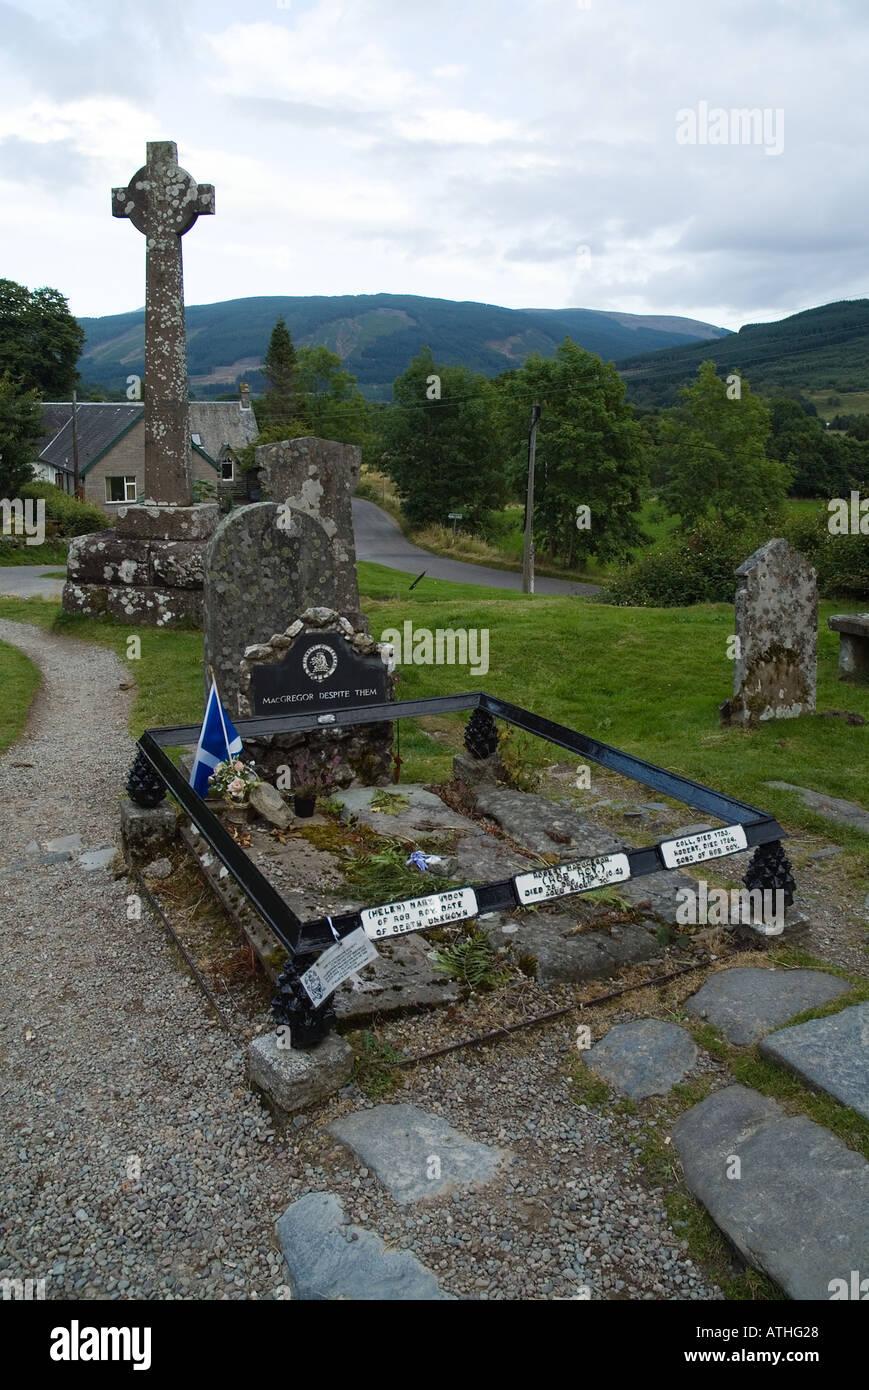 dh Rob Roys tumba CEMENTERIO BALQUHIDDER STIRLINGSHIRE Reino Unido Rob Roy macgregor en el clan escocés graves scotland mcgregor lápidas Foto de stock